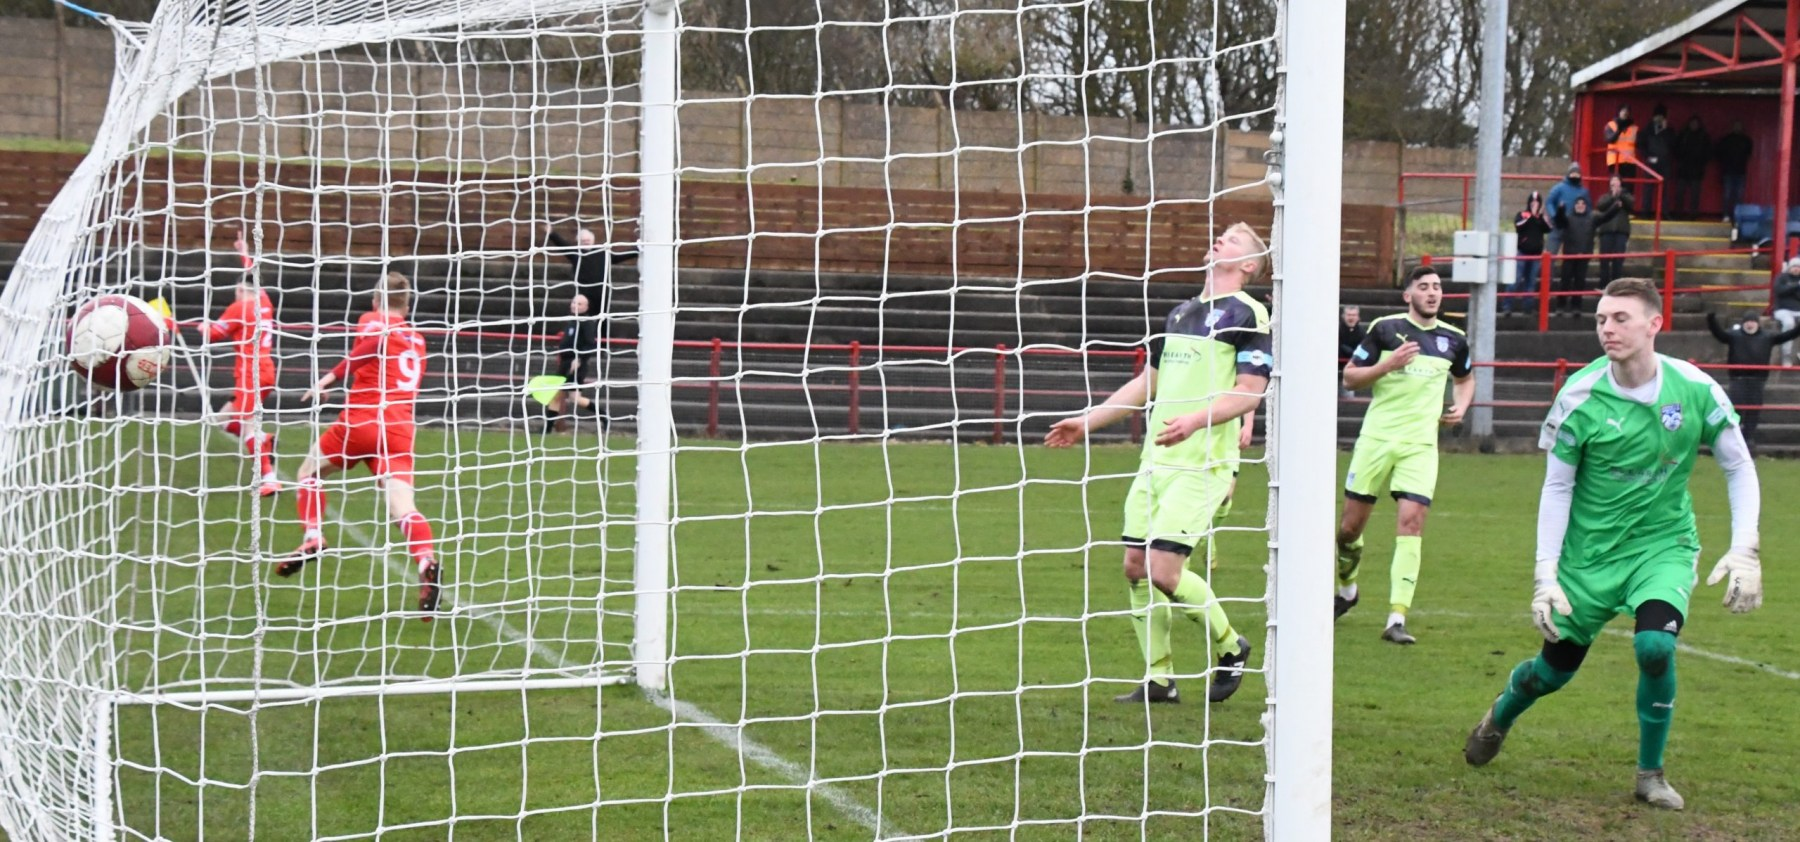 Workington-Reds-v-Ossett-Utd-Ben-Challis-19-scaled